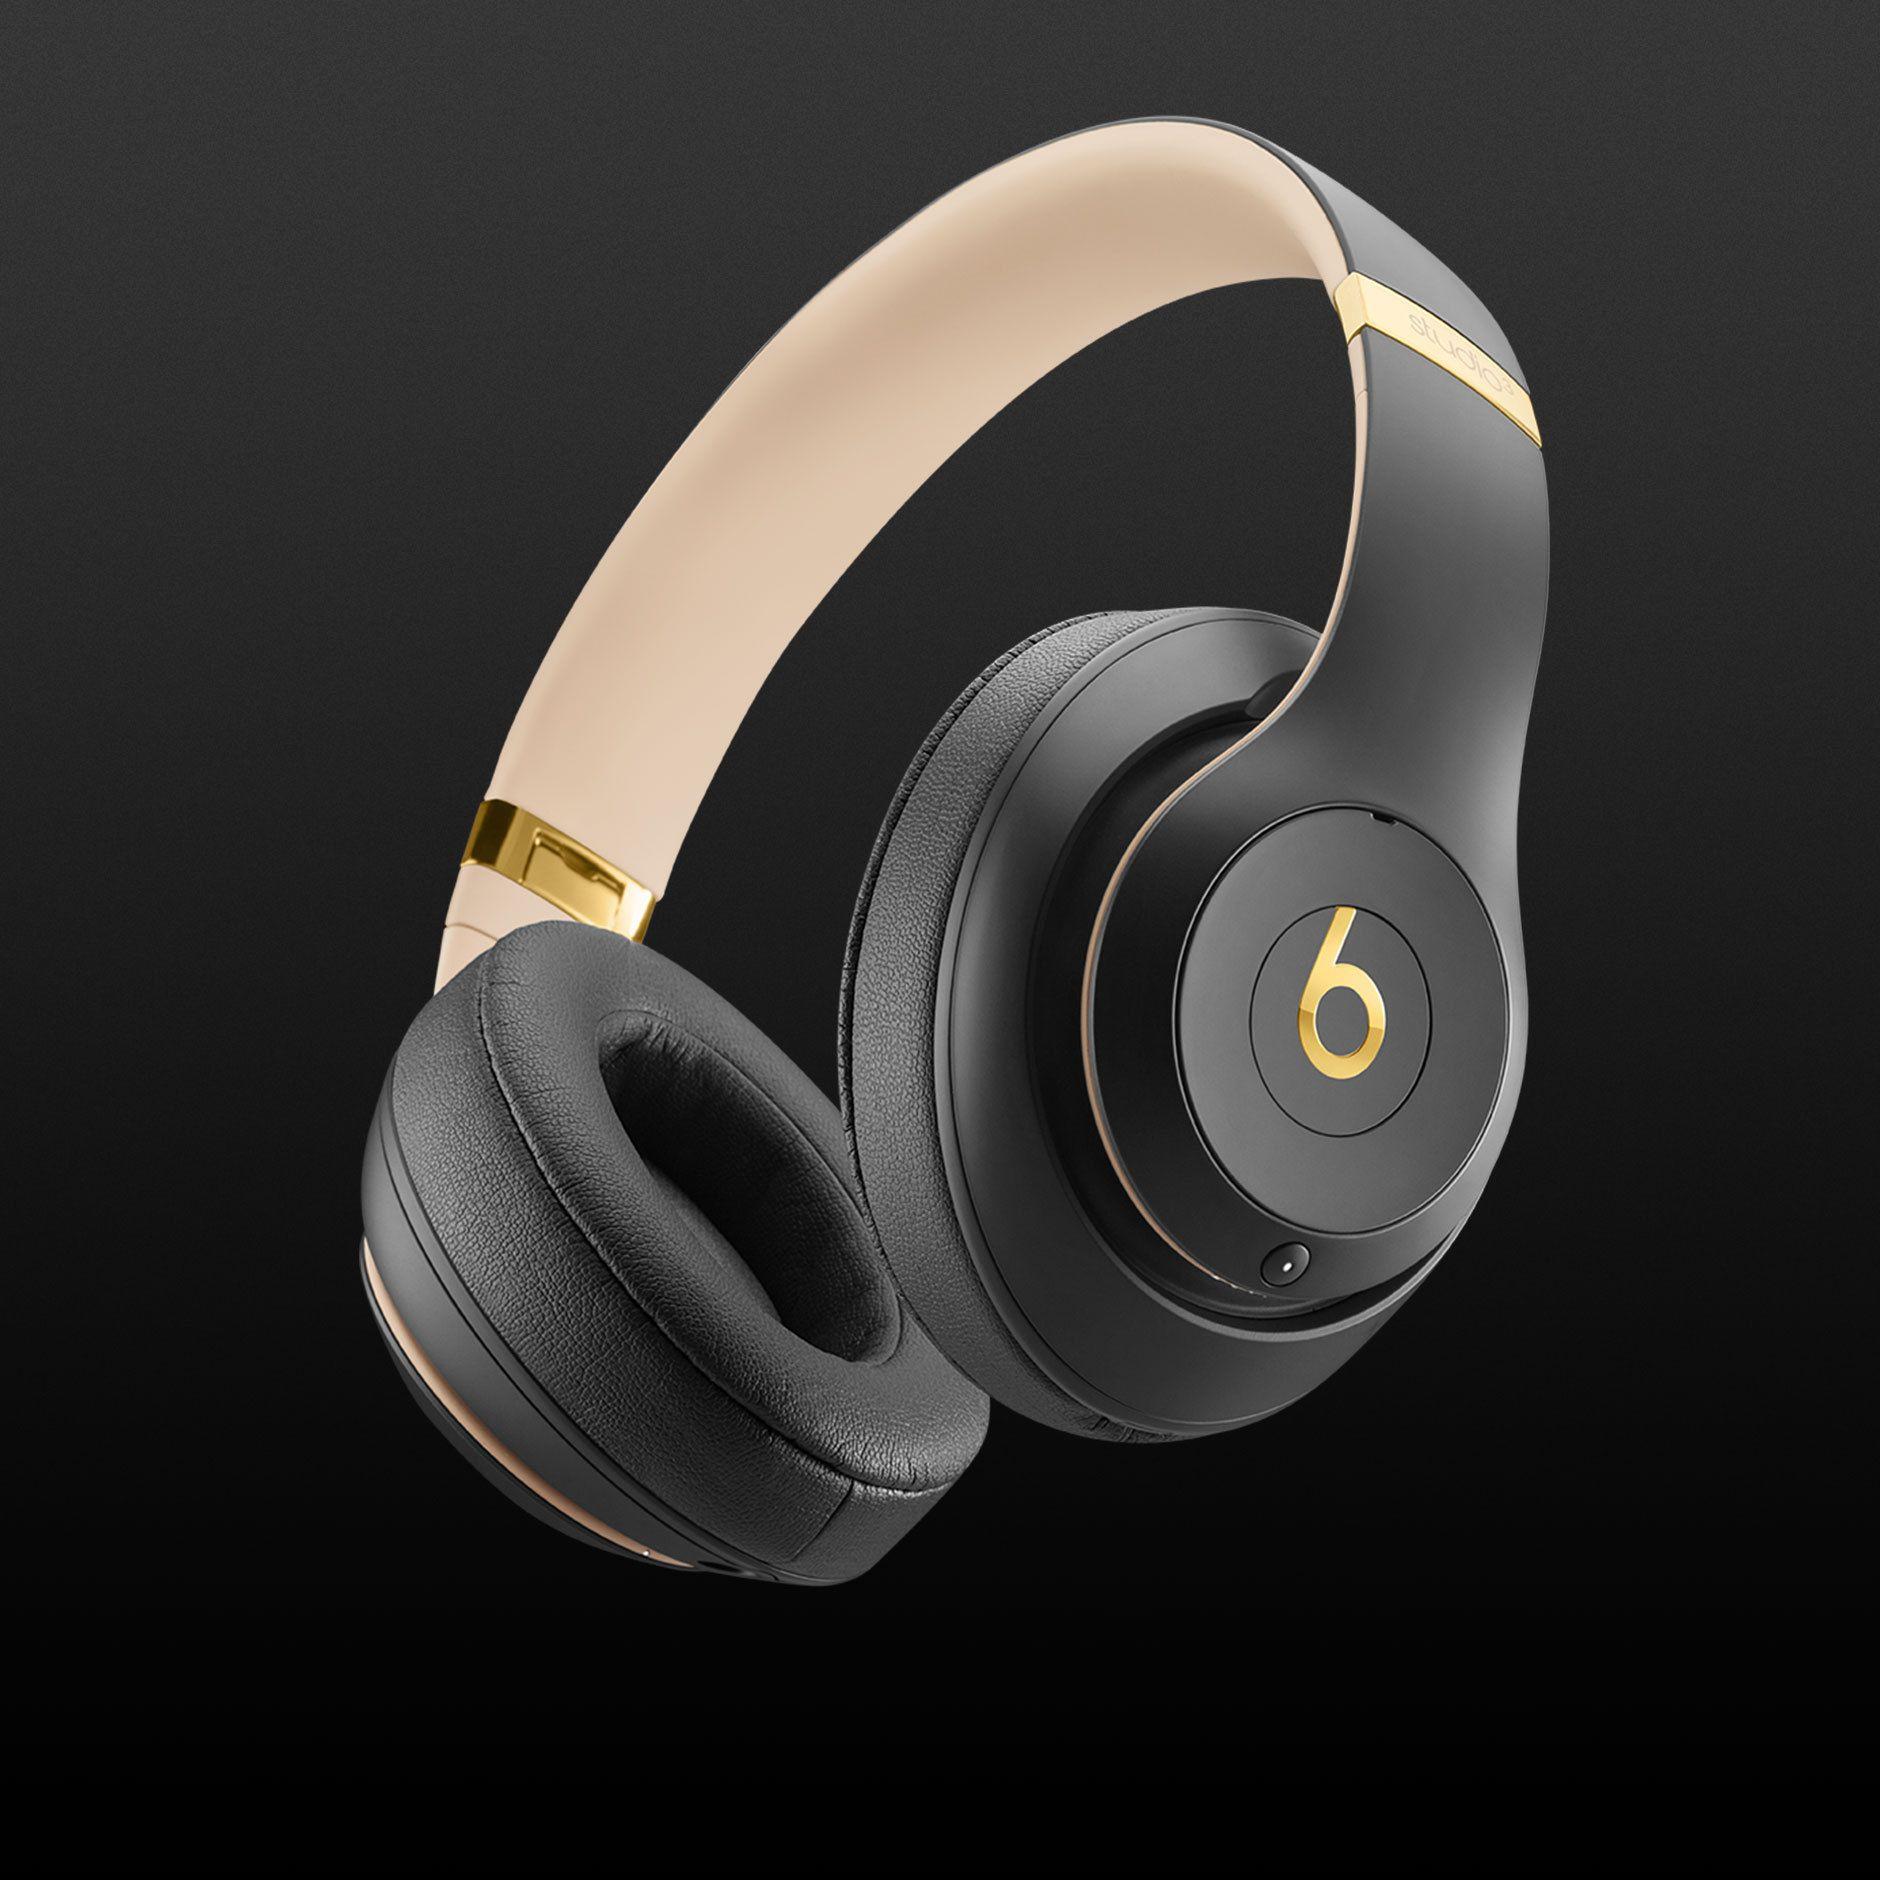 Beats Studio3 Wireless Headphones Beats By Dre Dre Headphones